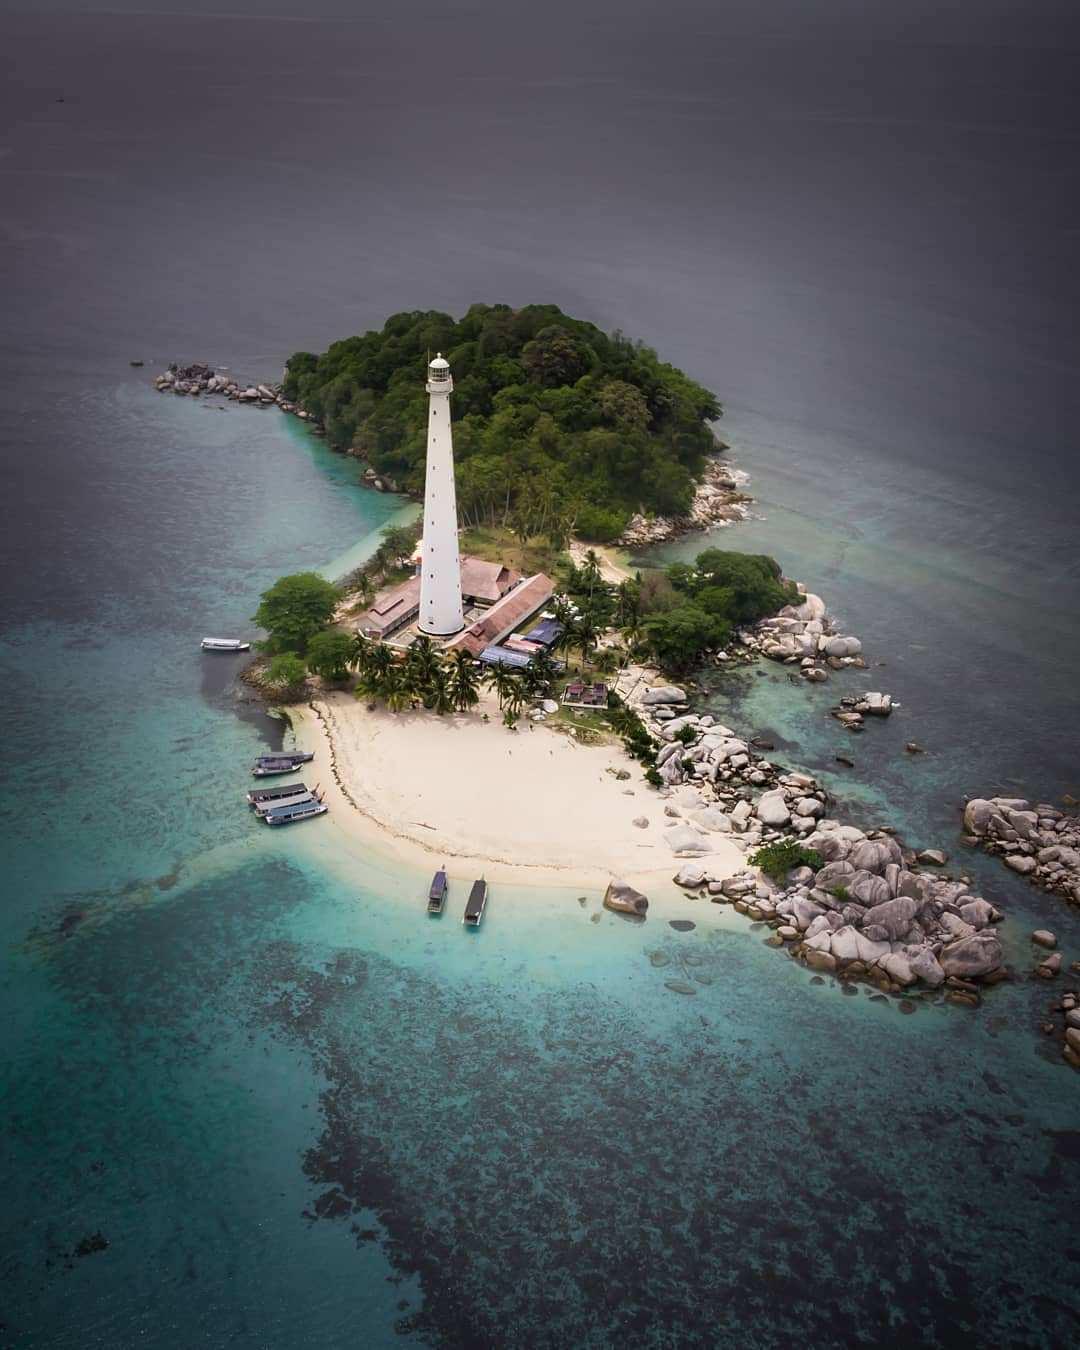 Gambar Pulau Lengkuas Dari Ketinggian, Images From @rahaps_